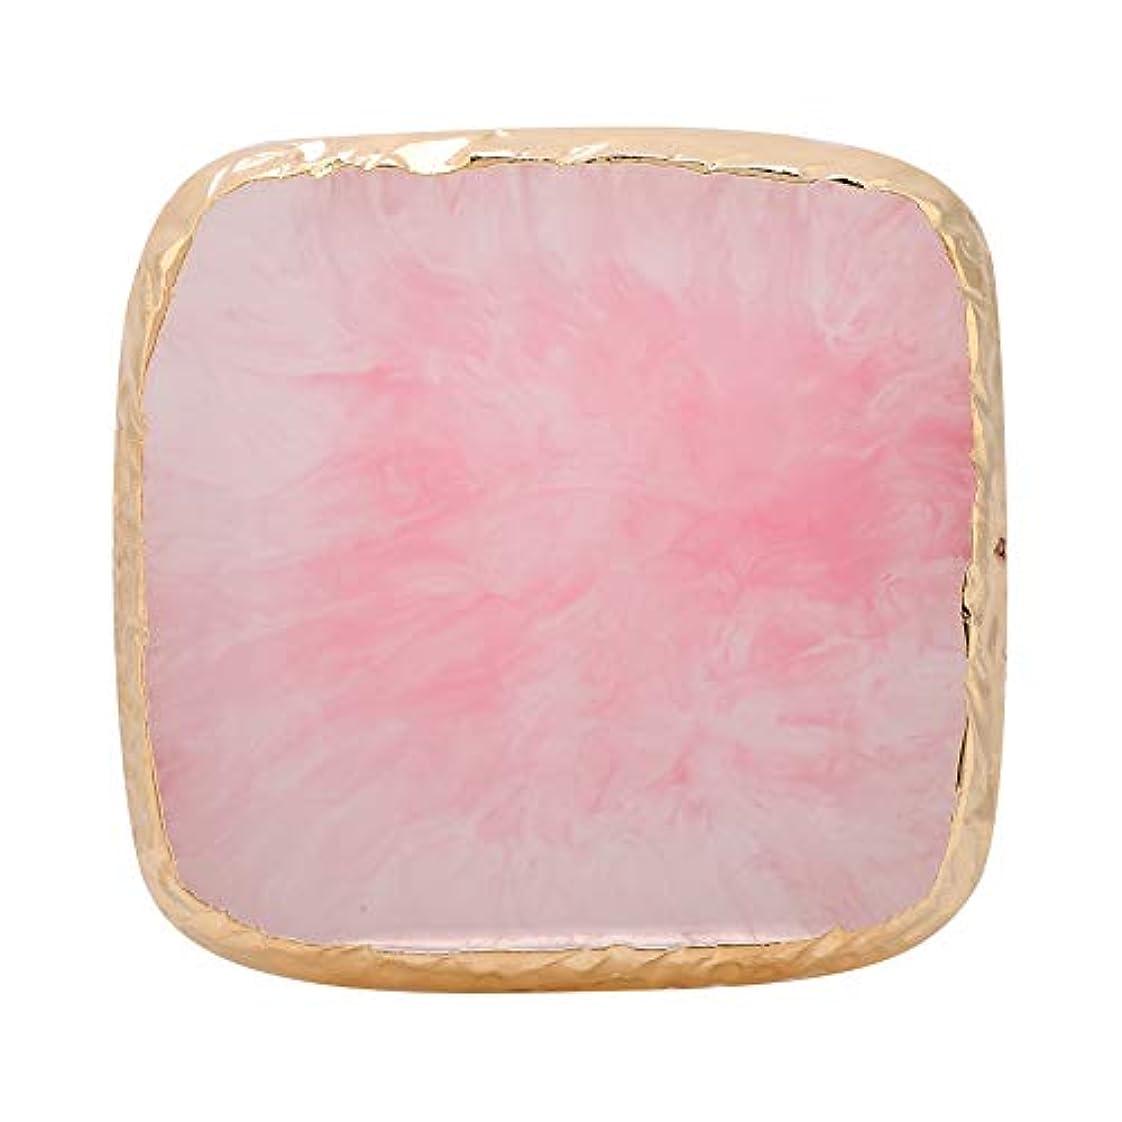 ほのめかす三不正直ネイルアートディスプレイスタンド 樹脂 ネイルアートジェル ディスプレイホルダー ネイルアートツール サロン アクセサリー ネイルポリッシュカラー (ピンク)